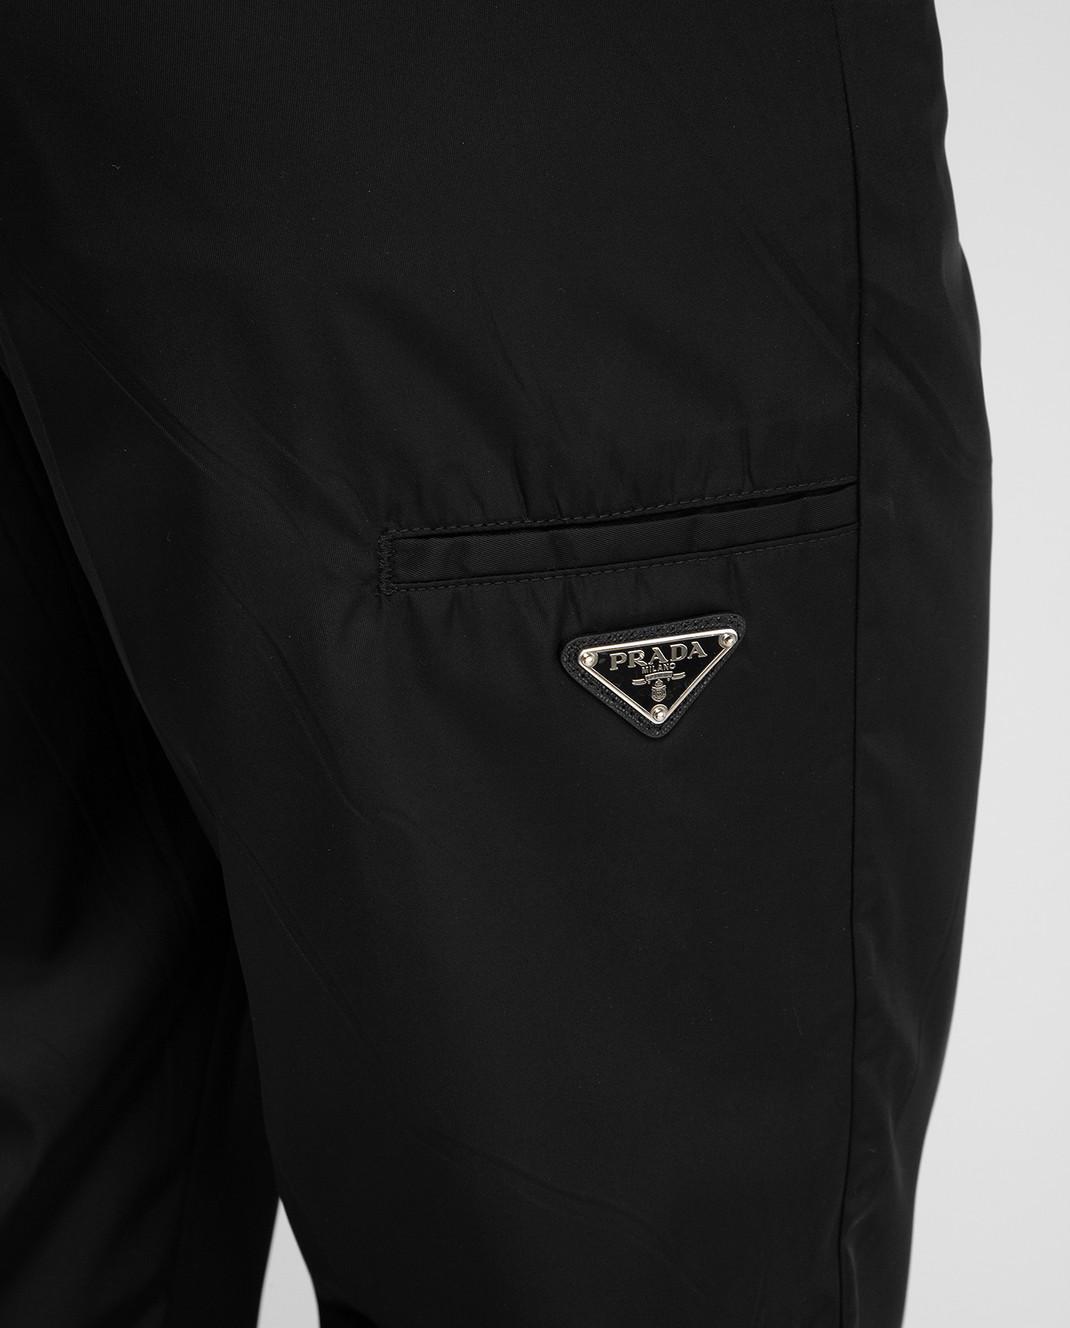 Prada Sport Черные брюки SPG30I18 изображение 5